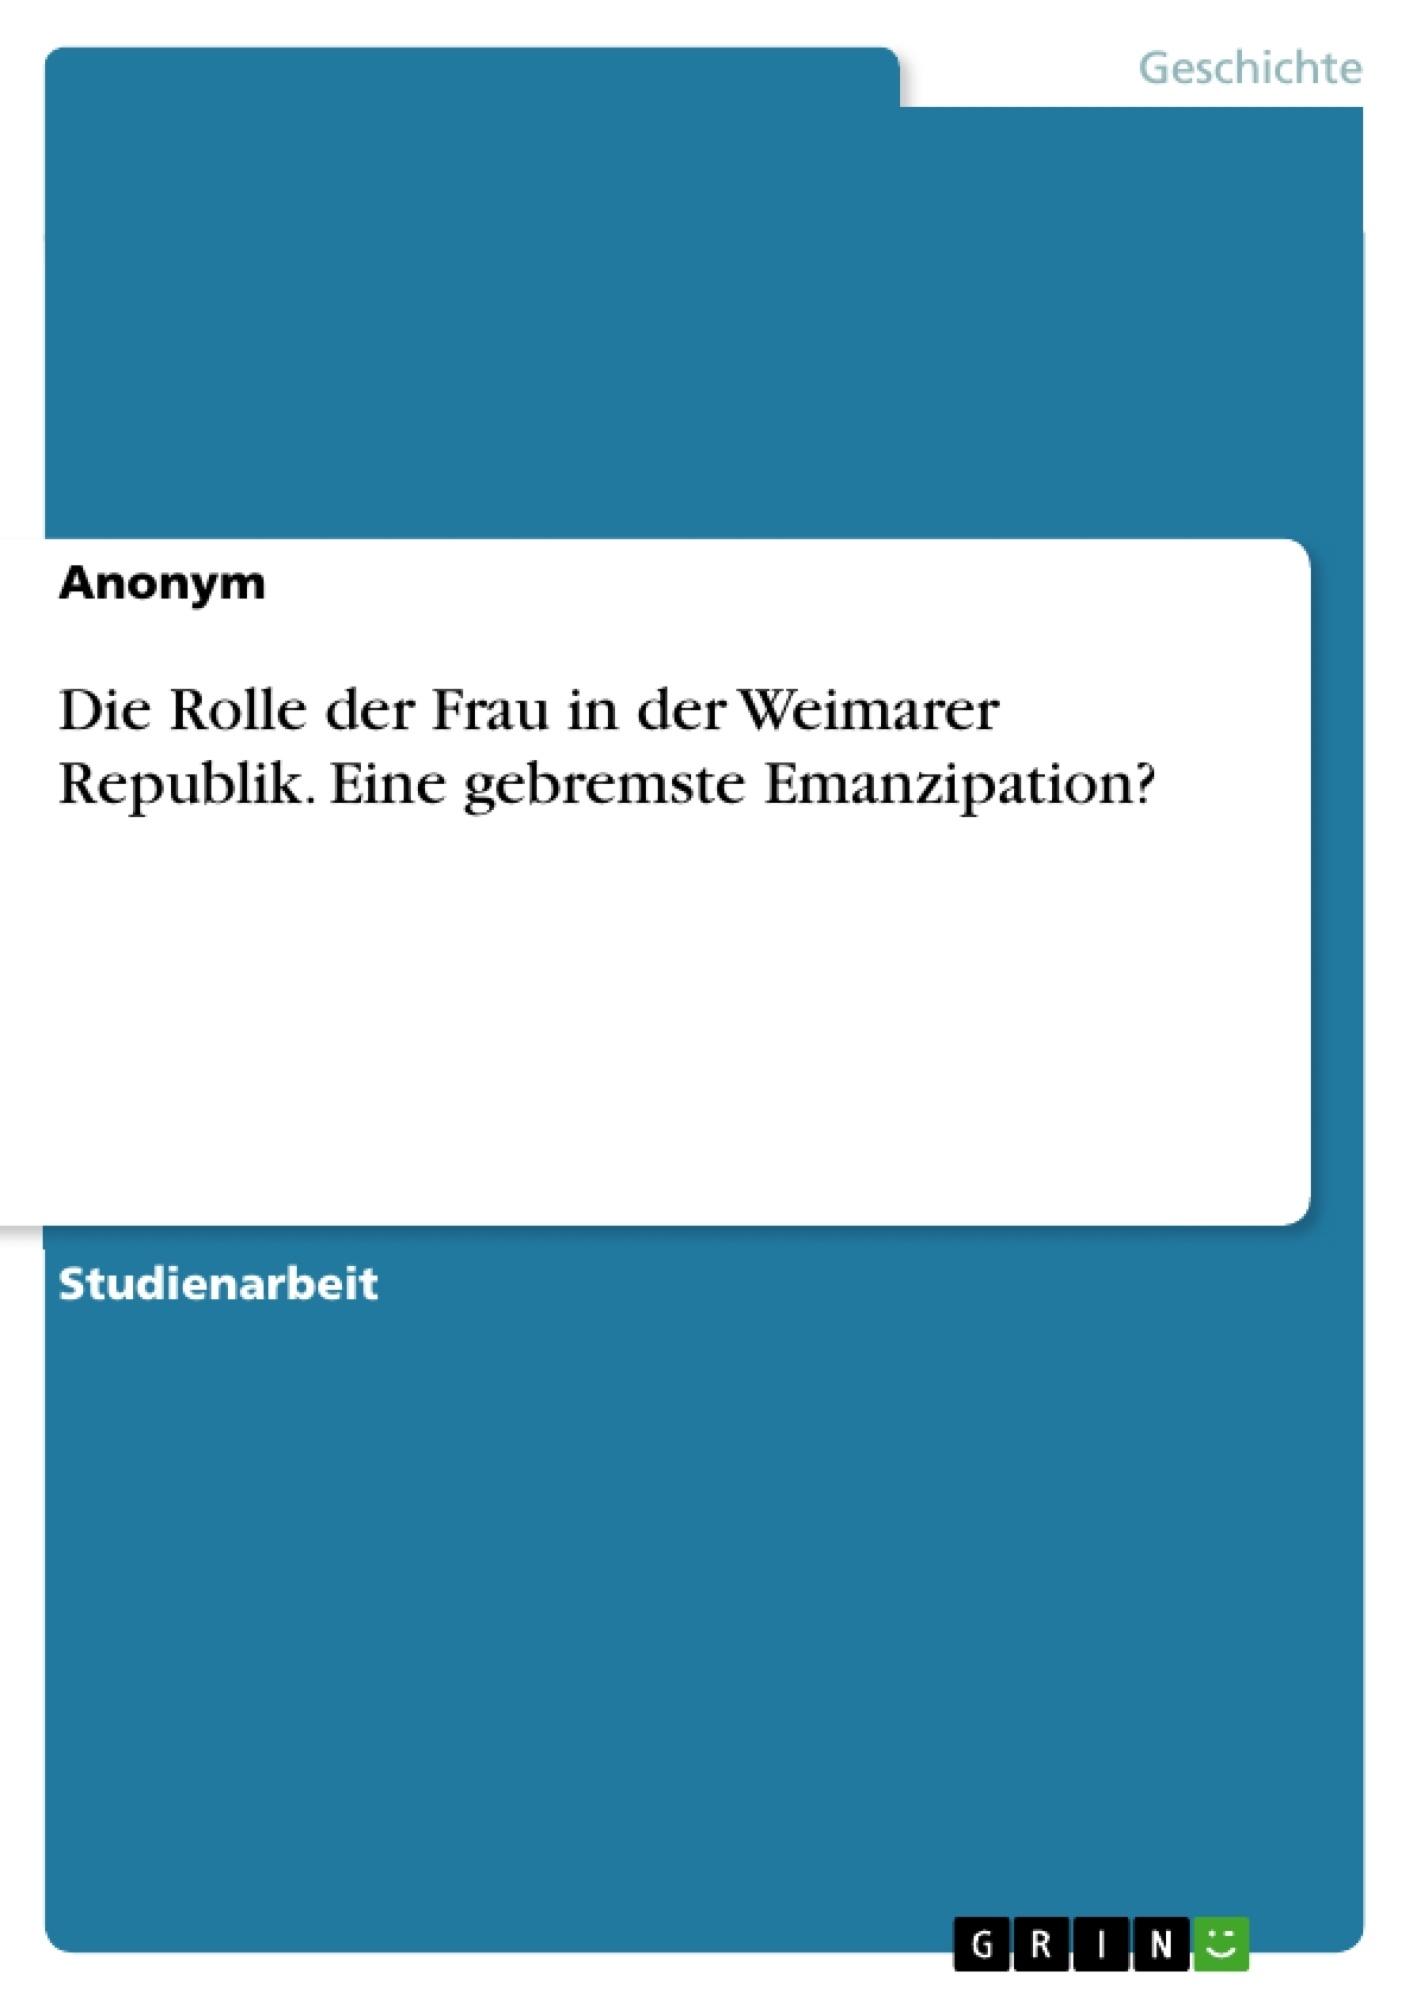 Titel: Die Rolle der Frau in der Weimarer Republik. Eine gebremste Emanzipation?